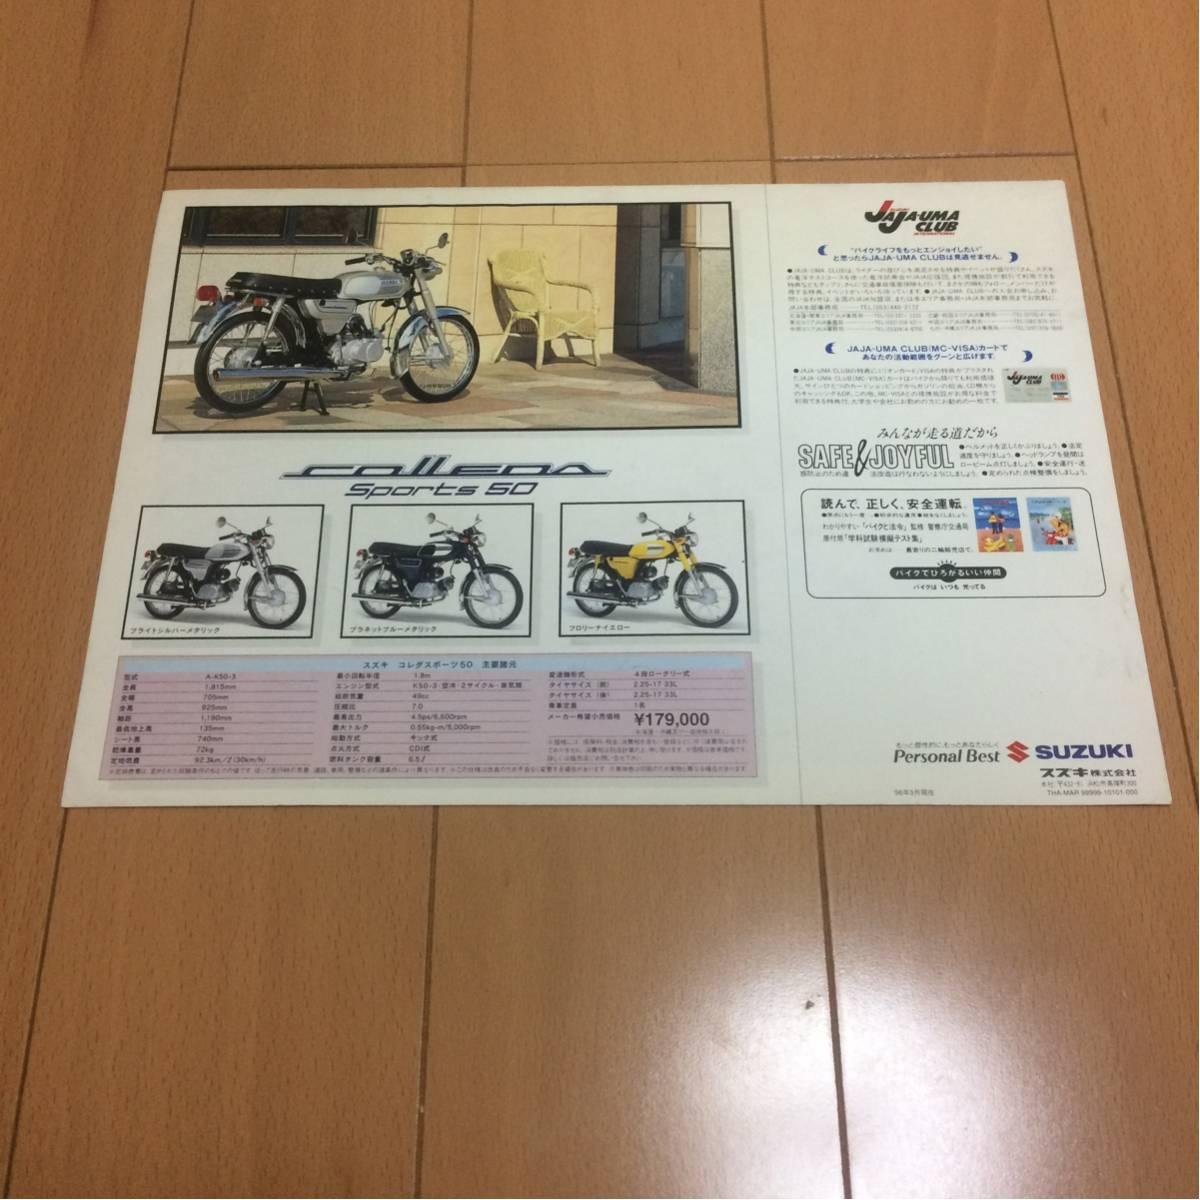 旧車カタログ SUZUKI スズキ コレダスポーツ 50 カタログ パンフレット 中古 96年_画像3